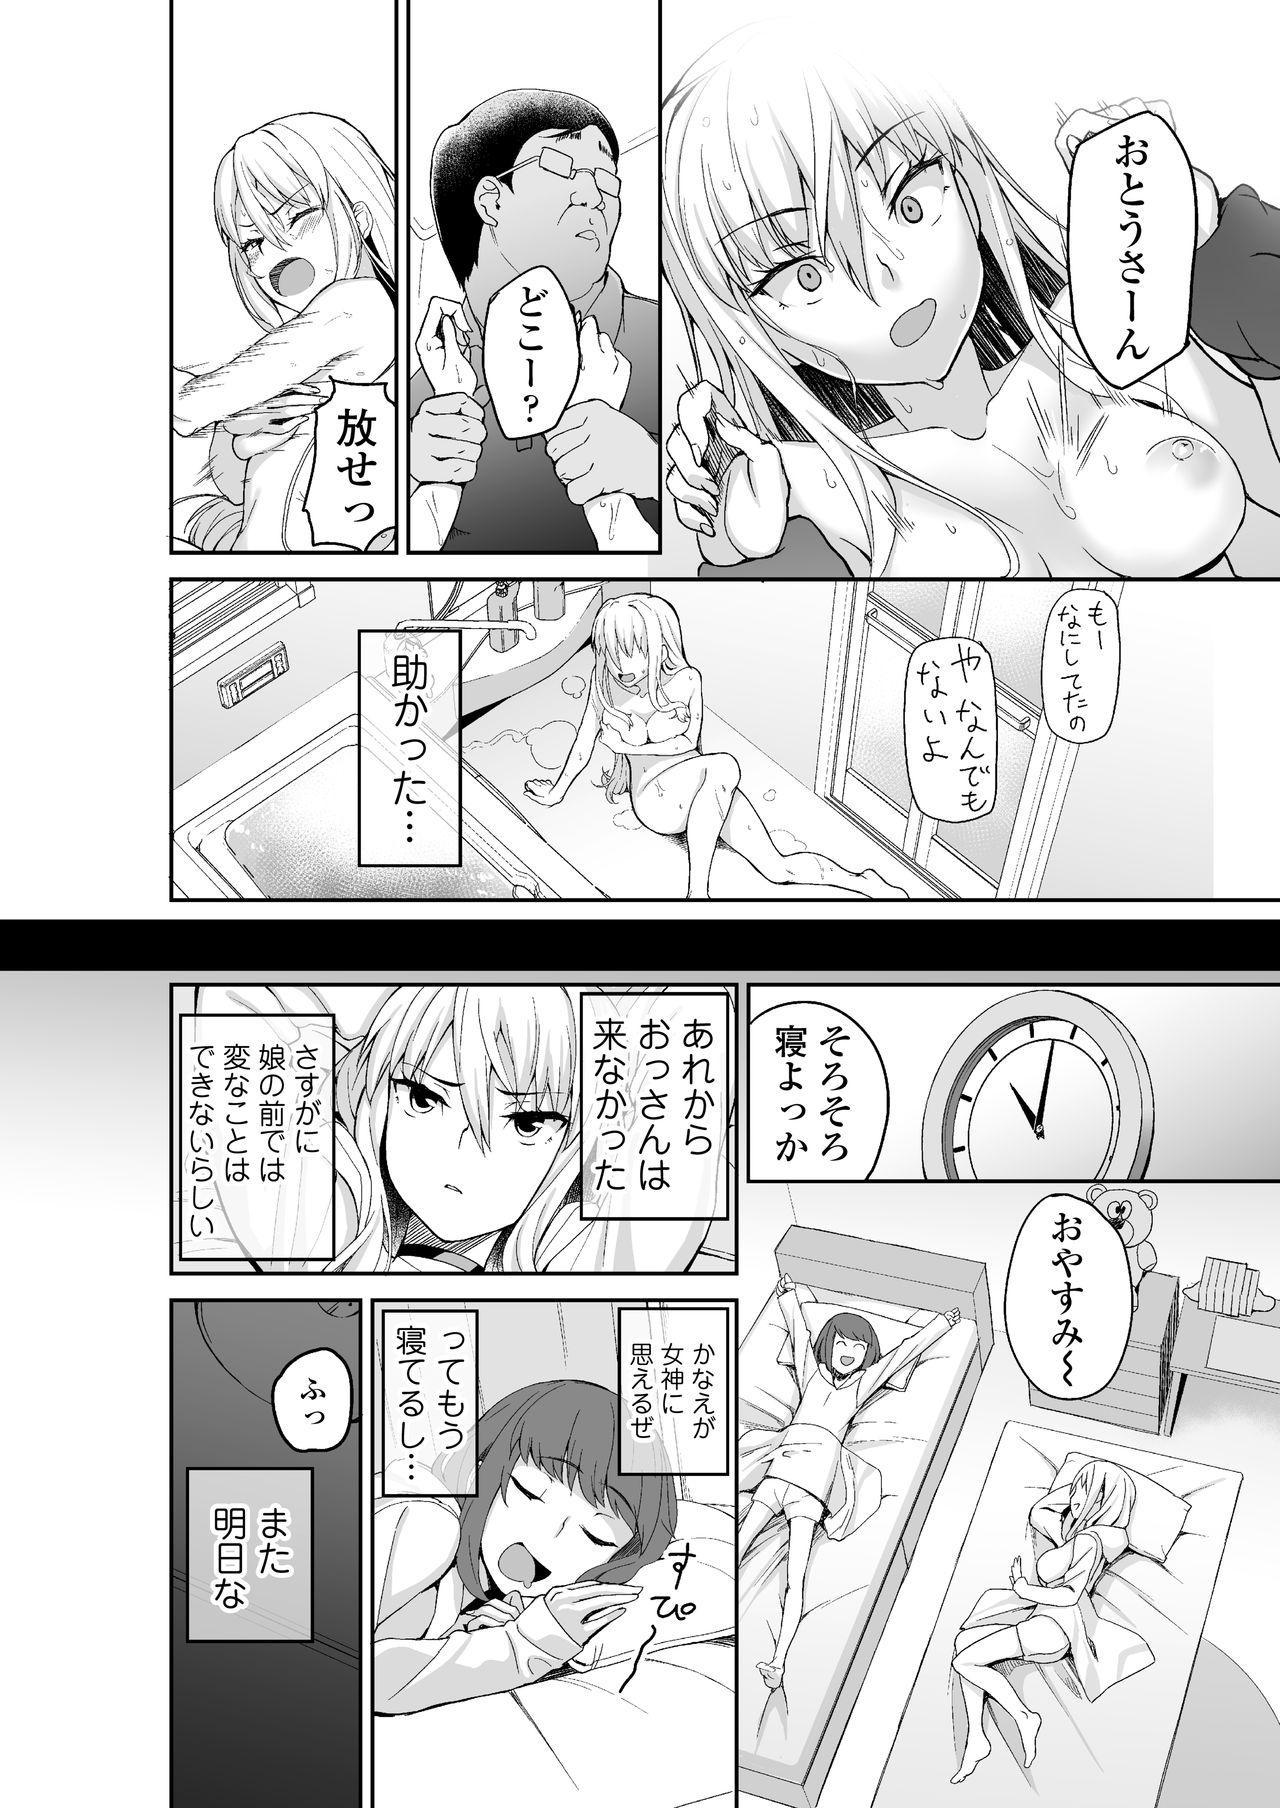 COMIC AOHA 2021 Natsu 181